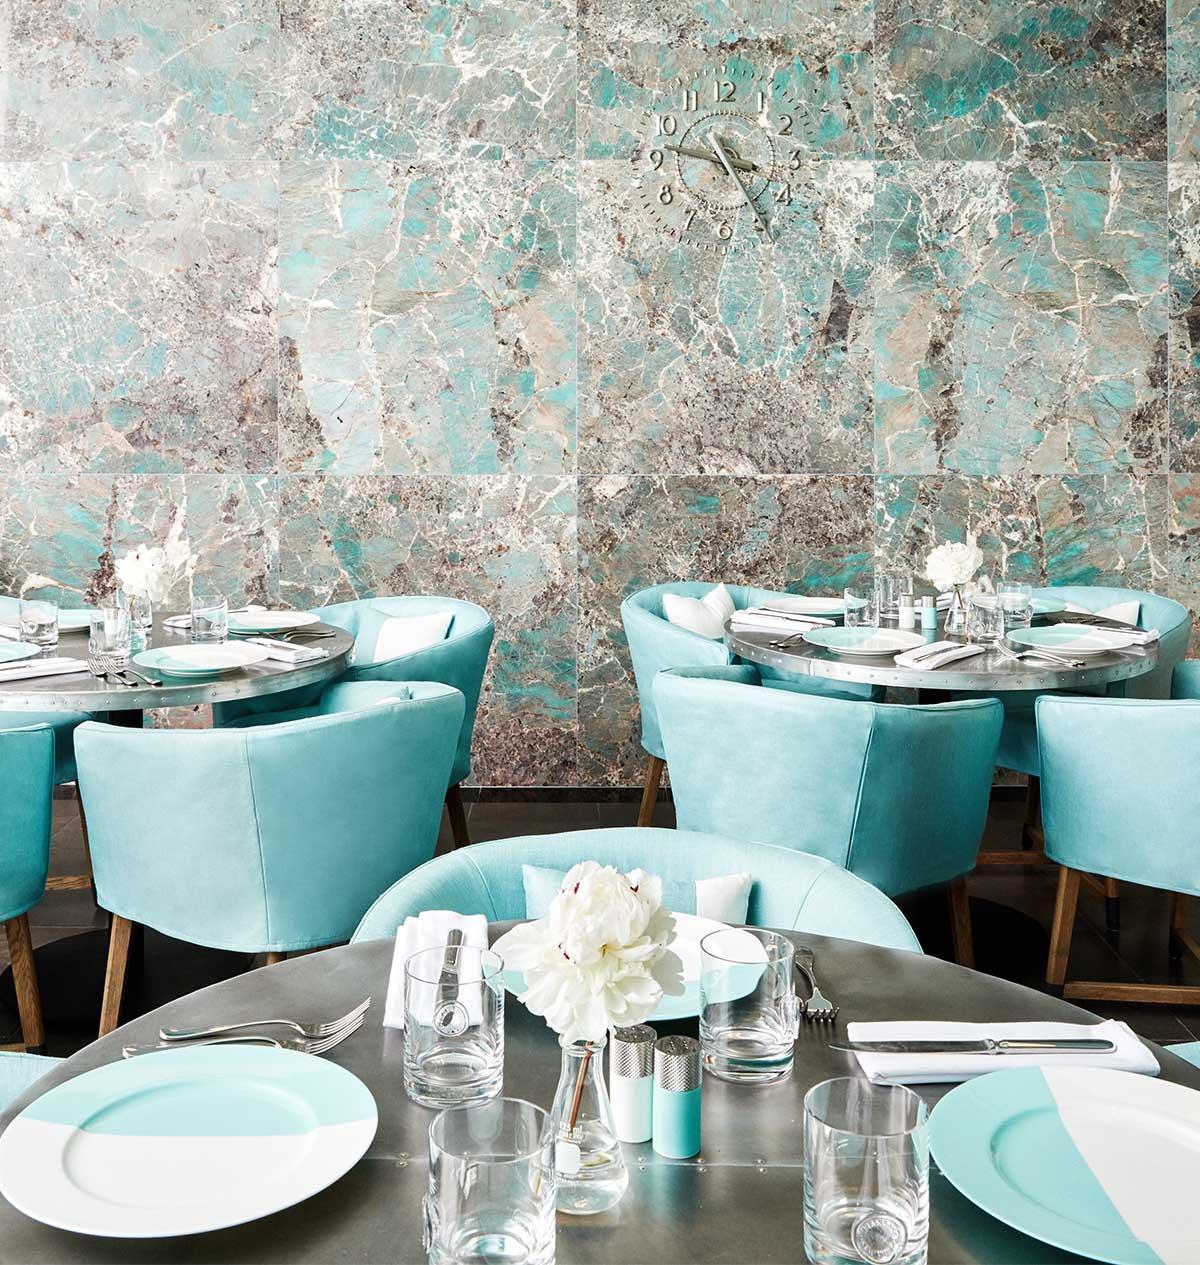 The Blue Box Cafe image 2